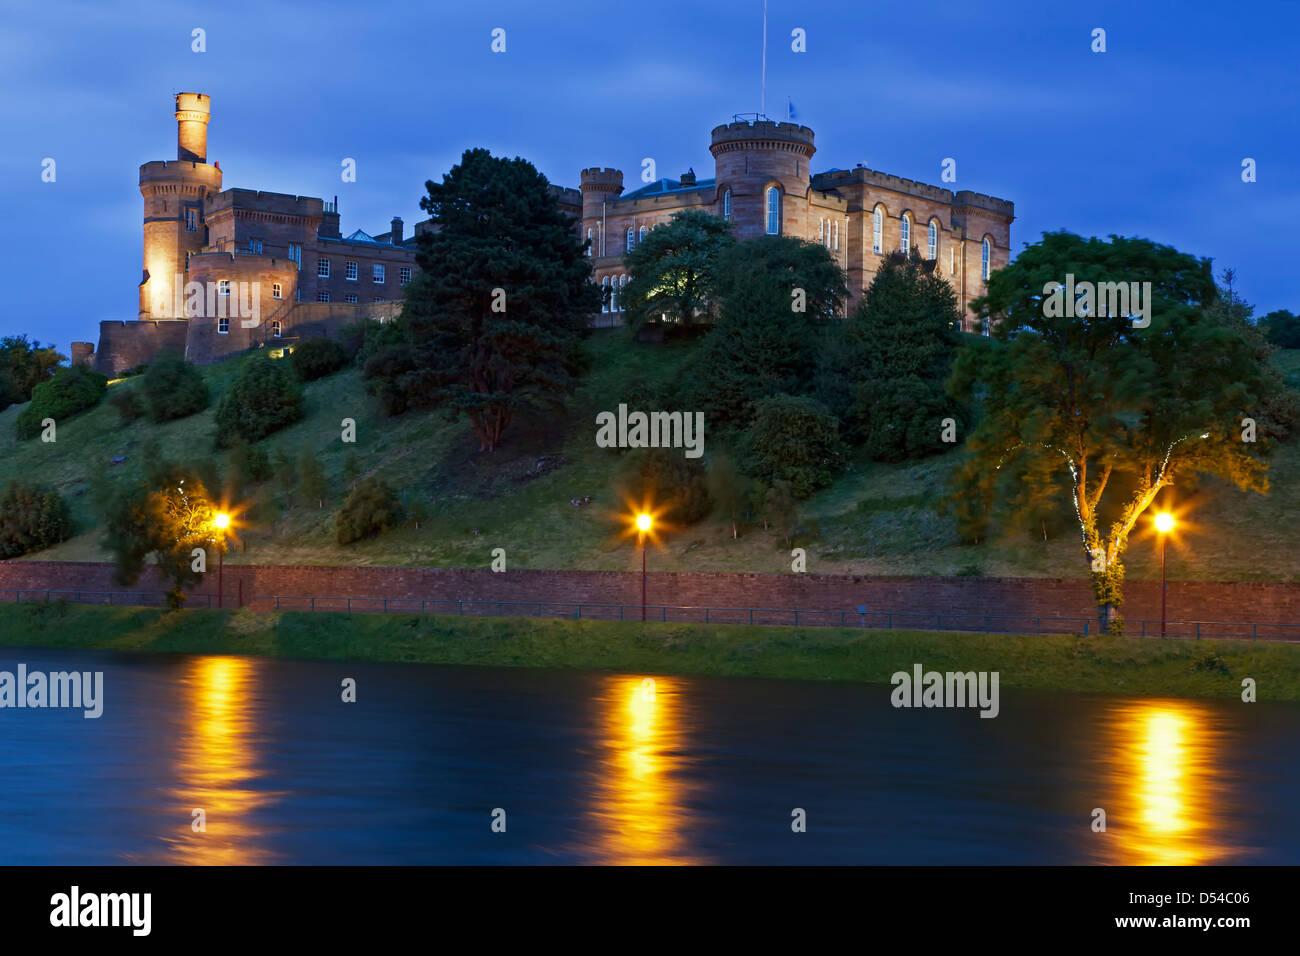 Inverness Castle (Gericht) und River Ness, Inverness, Schottland, Vereinigtes Königreich Stockbild